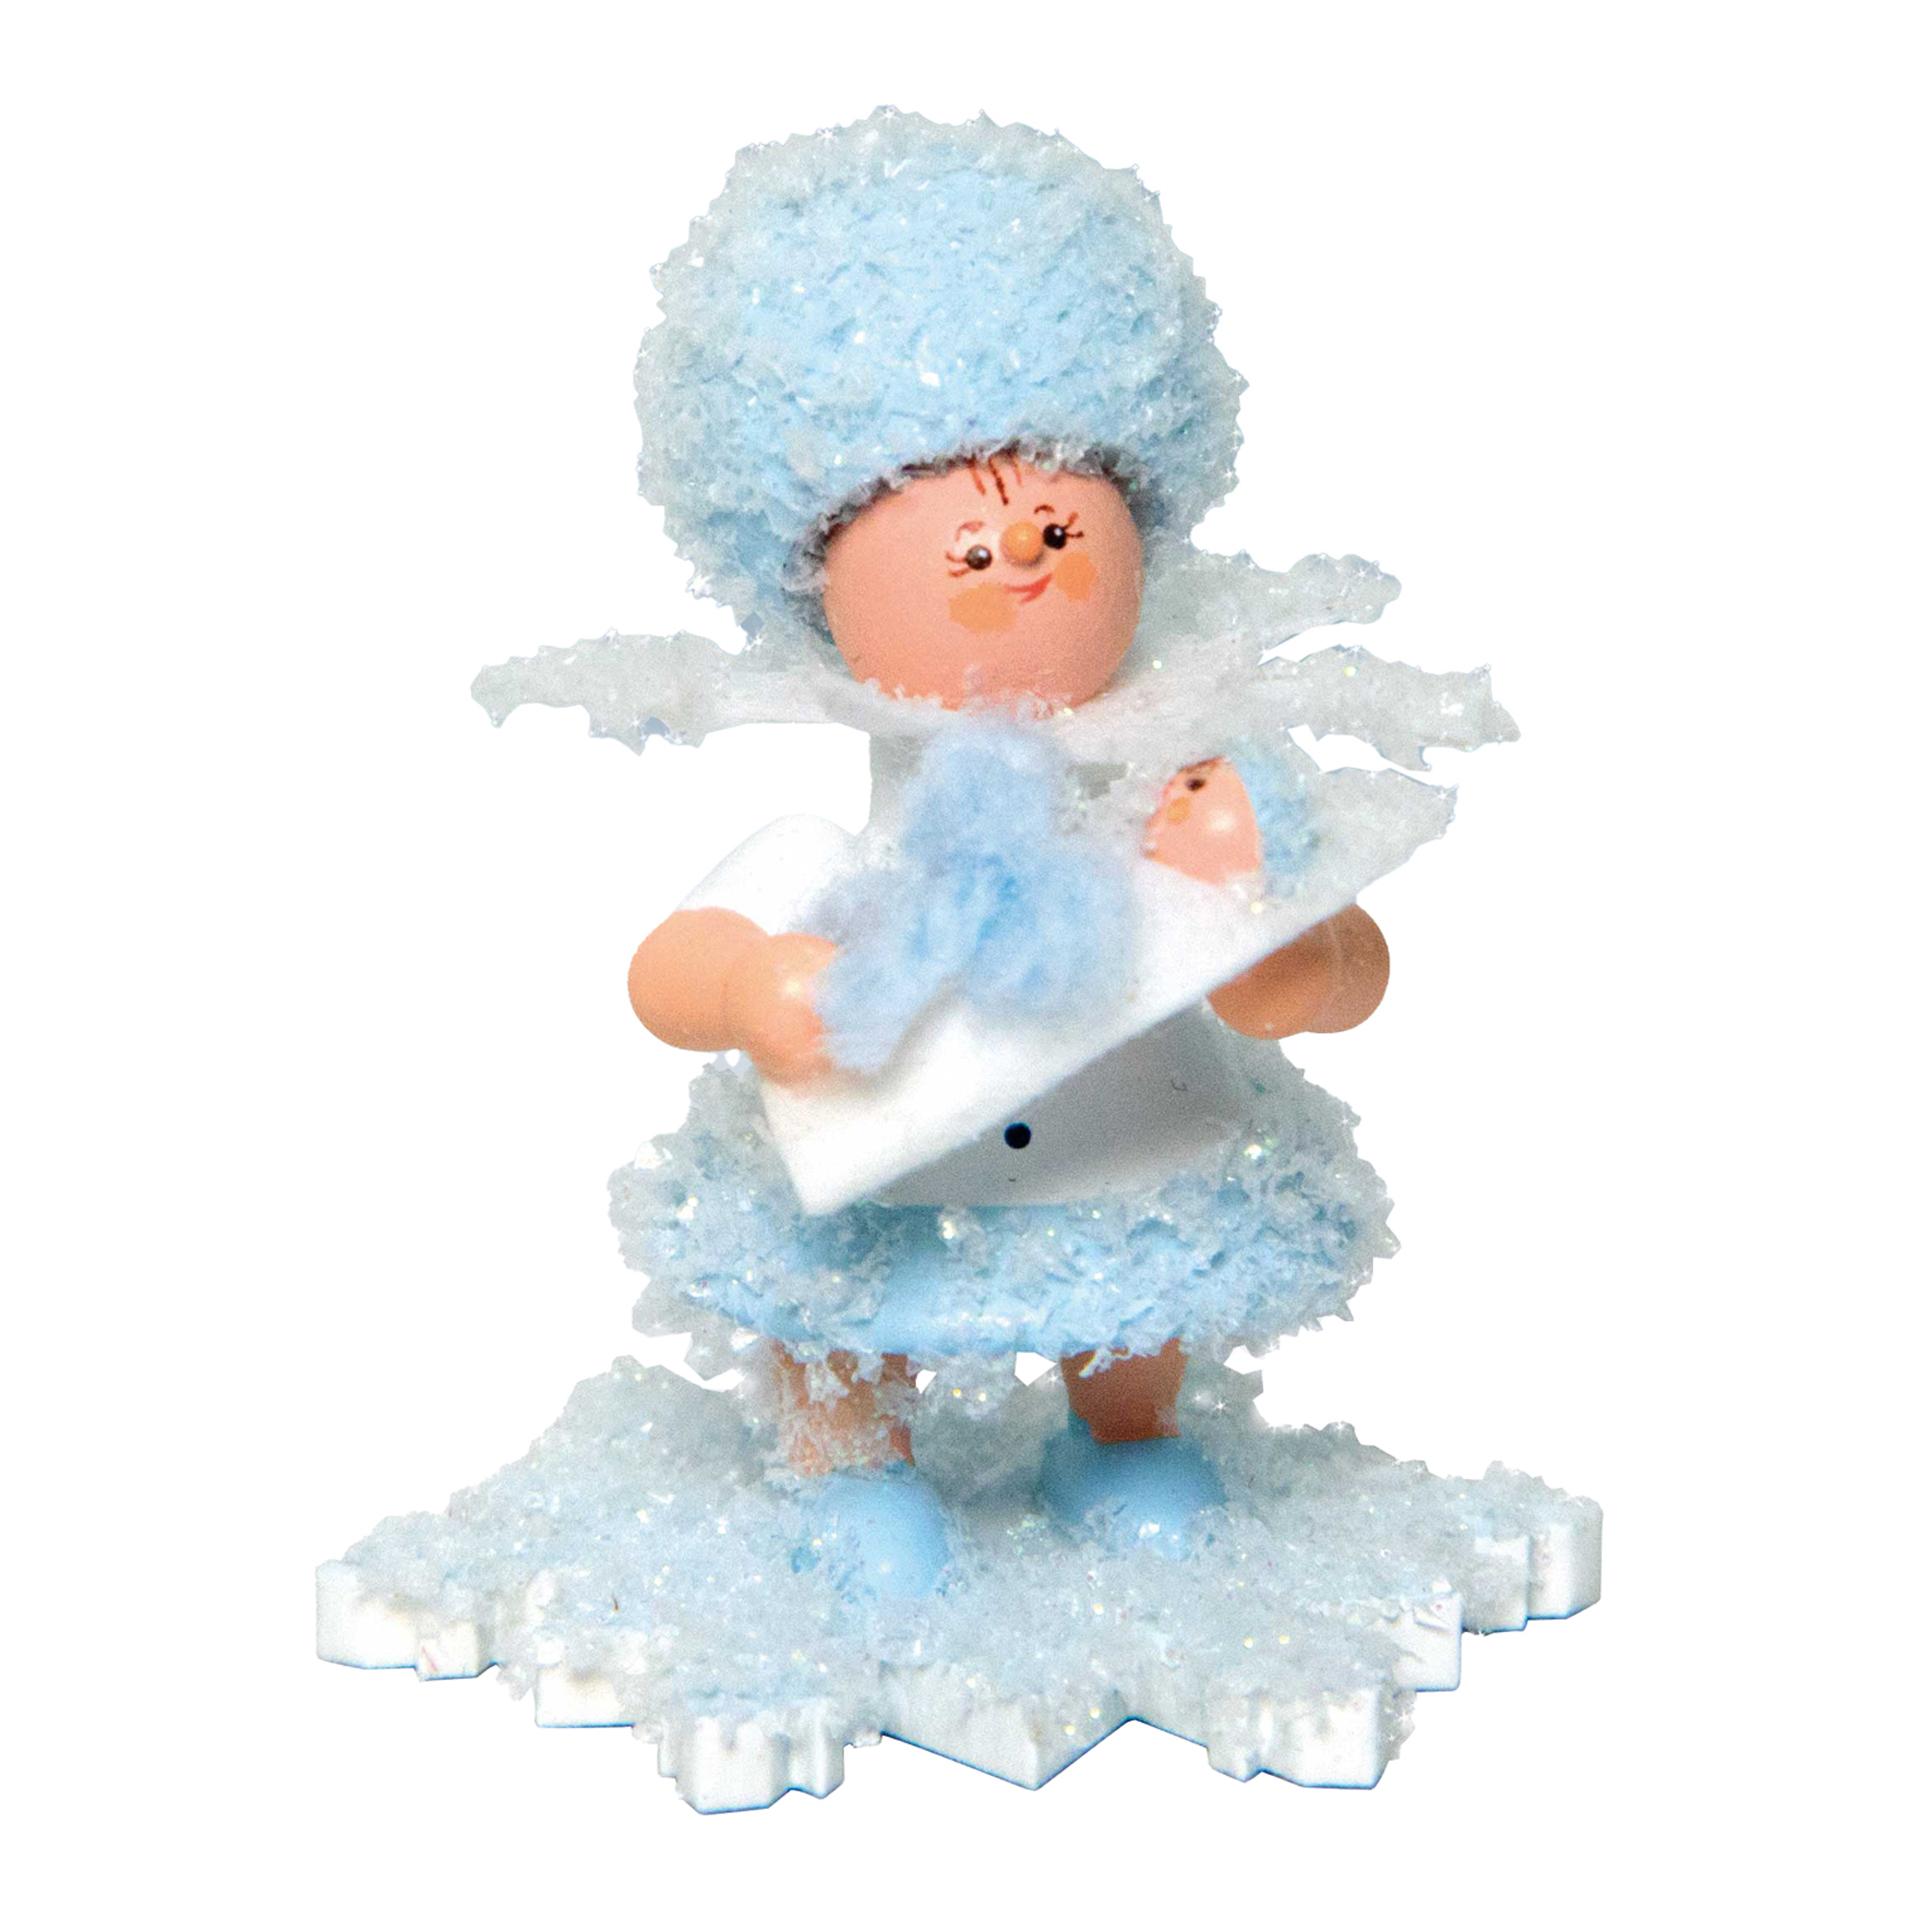 Schneeflöckchen mit Baby Junge